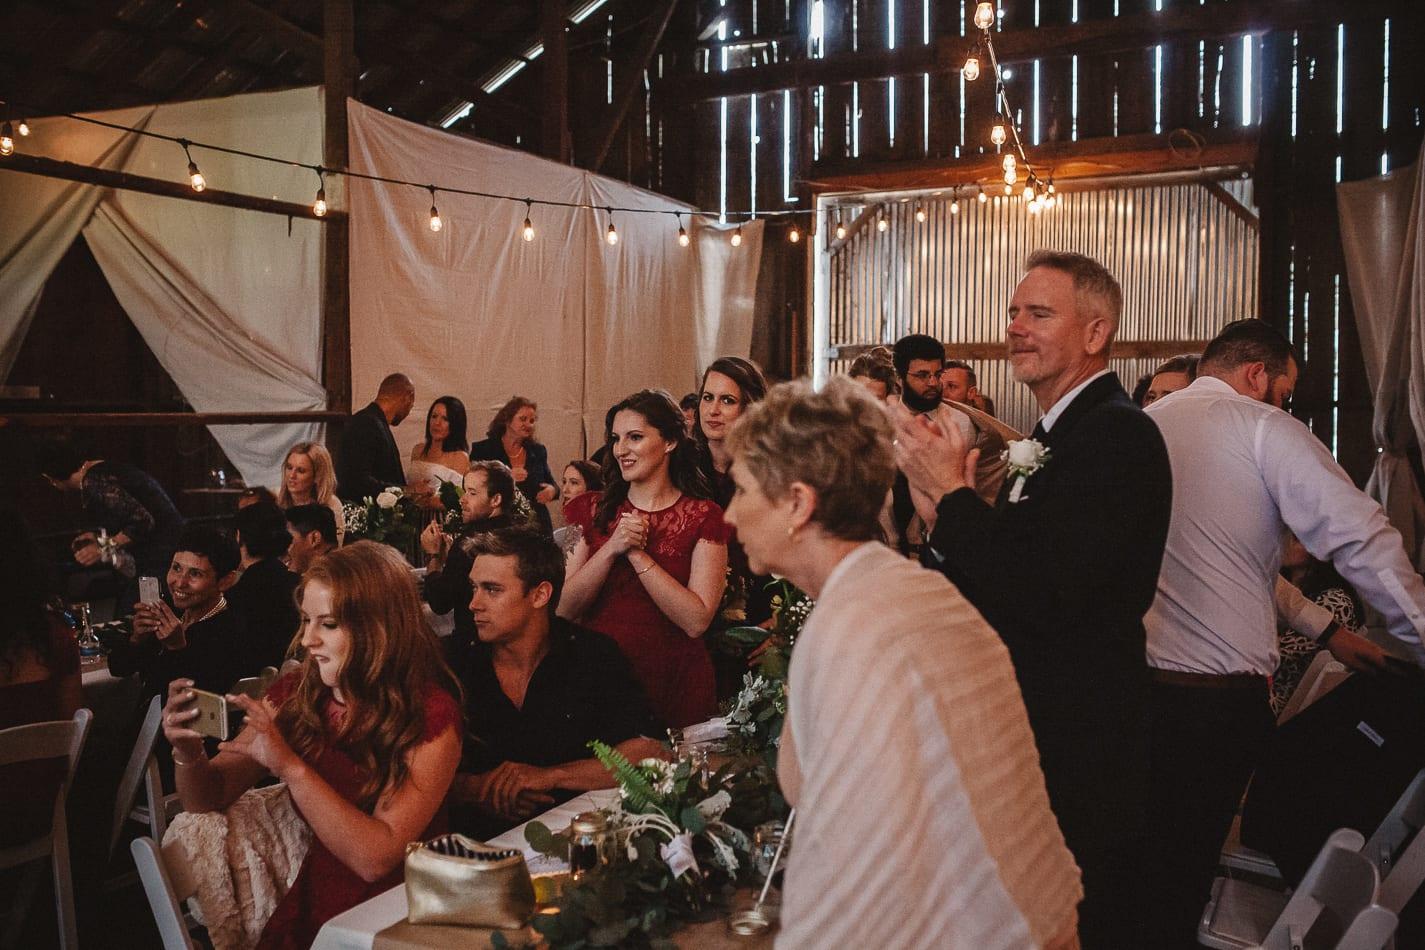 gover-ranch-redding-california-wedding-photographer-179